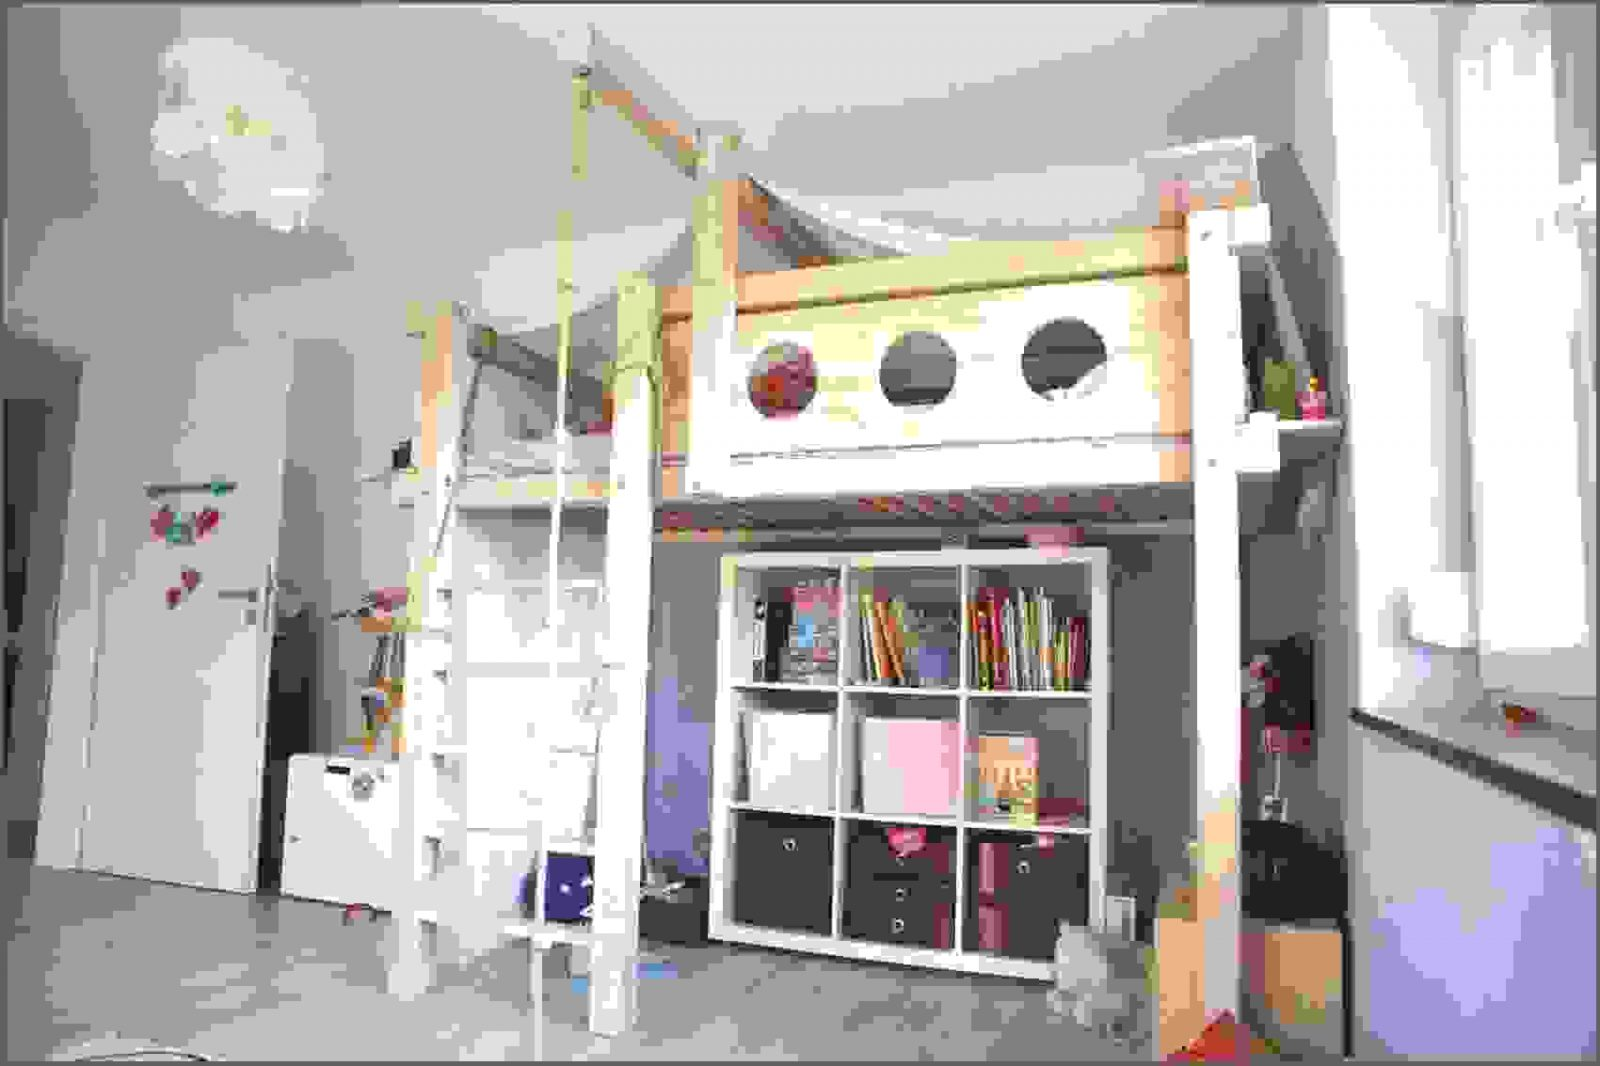 Hochbett Selber Bauen Erwachsene Von Hochbett Selber Bauen Ideen von Hochbett Selber Bauen Ideen Photo